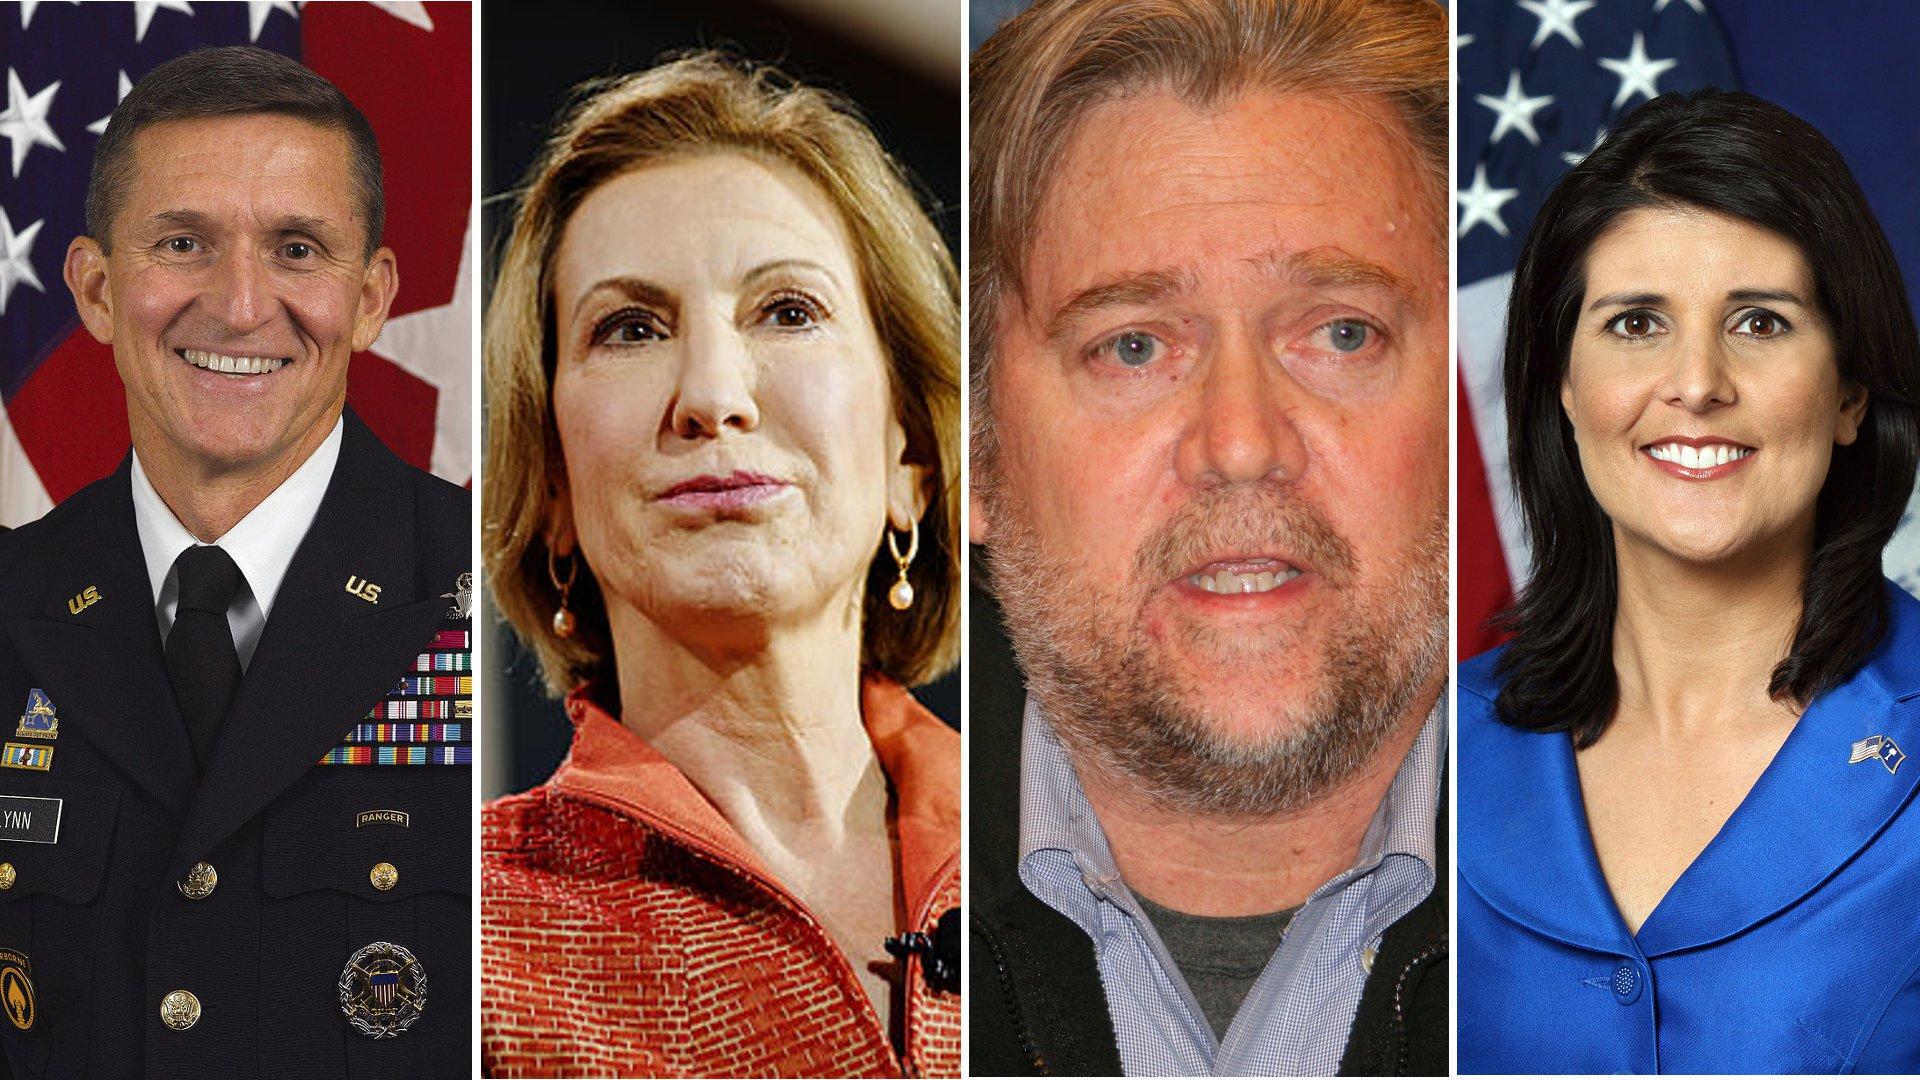 Das Kabinett Trump - reich, christlich, rechts außen